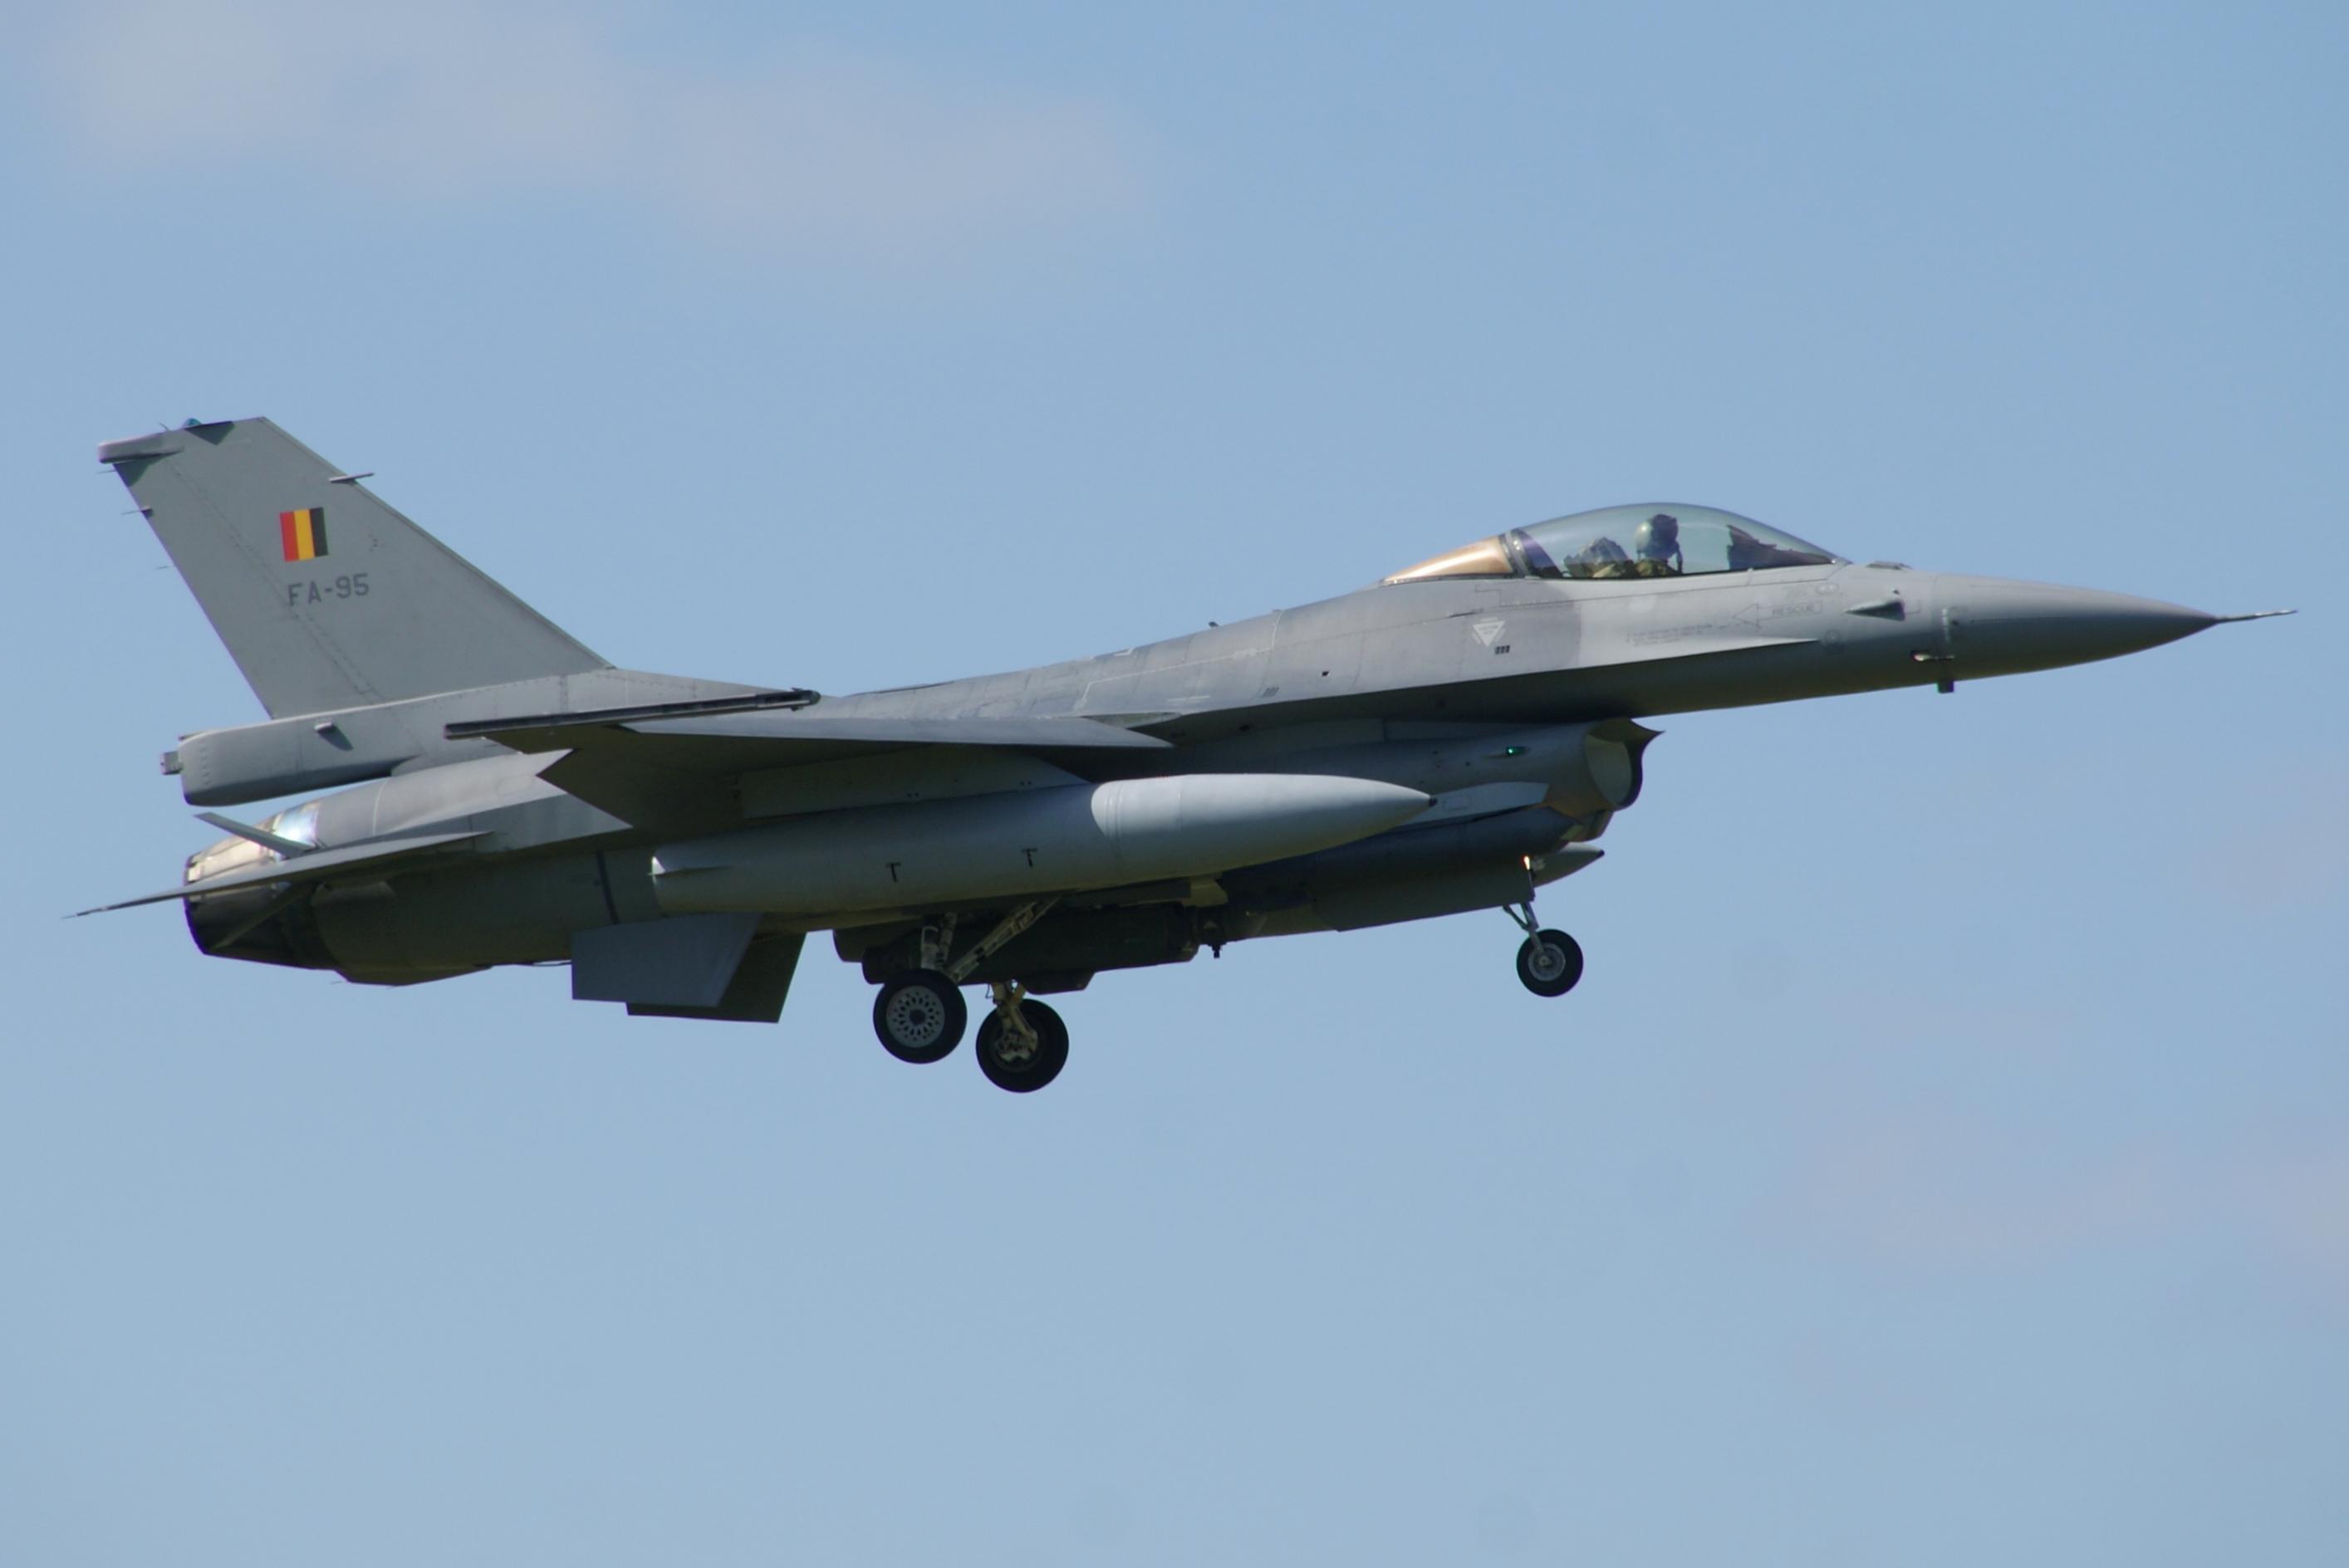 Naam: FA-95 NK.jpg Bekeken: 369 Grootte: 145,0 KB